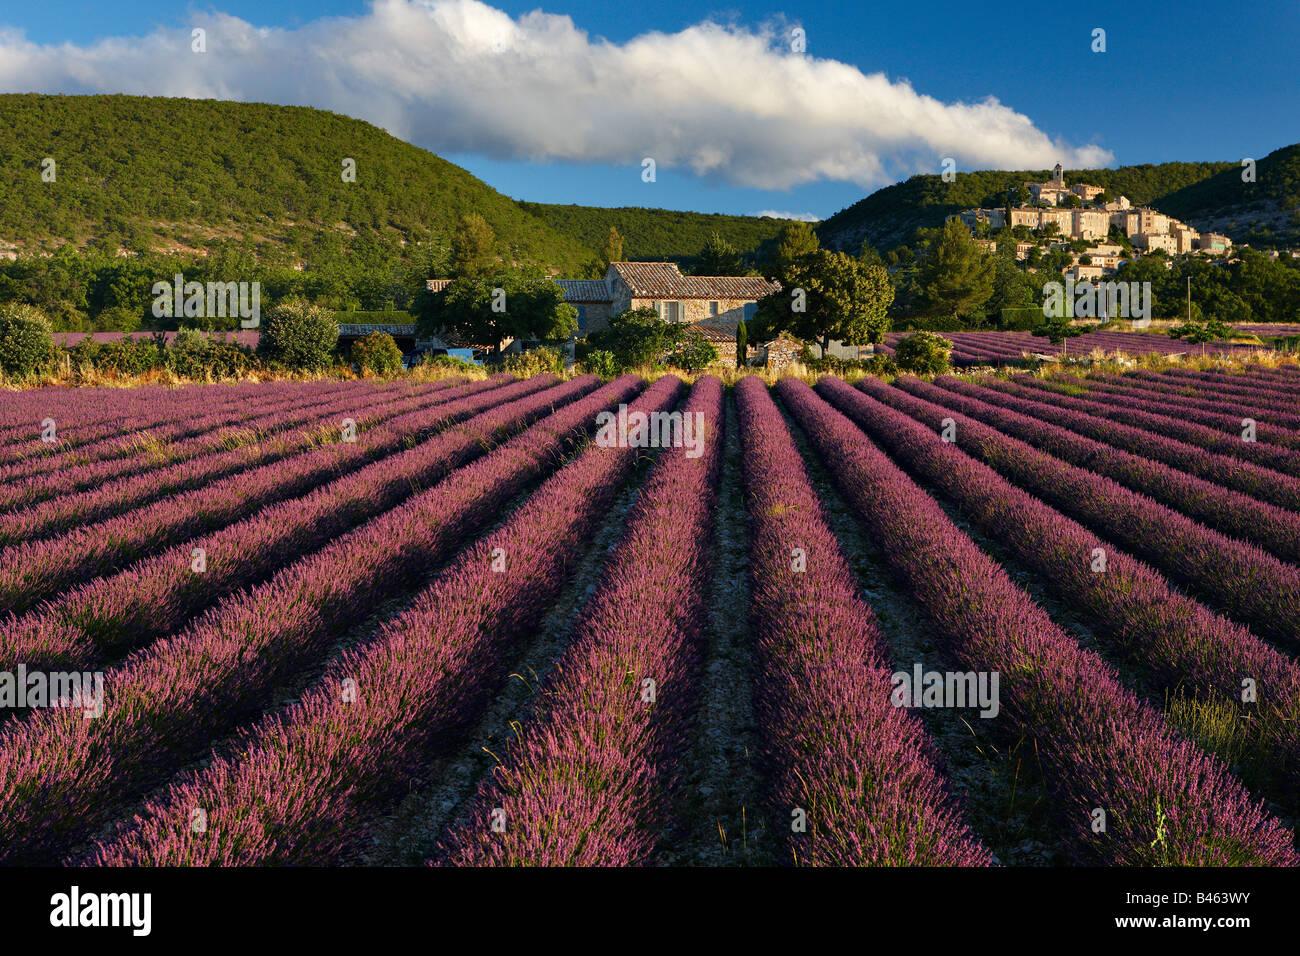 ein Lavendelfeld mit dem Dorf Banon jenseits der Vaucluse, Provence, Frankreich Stockfoto